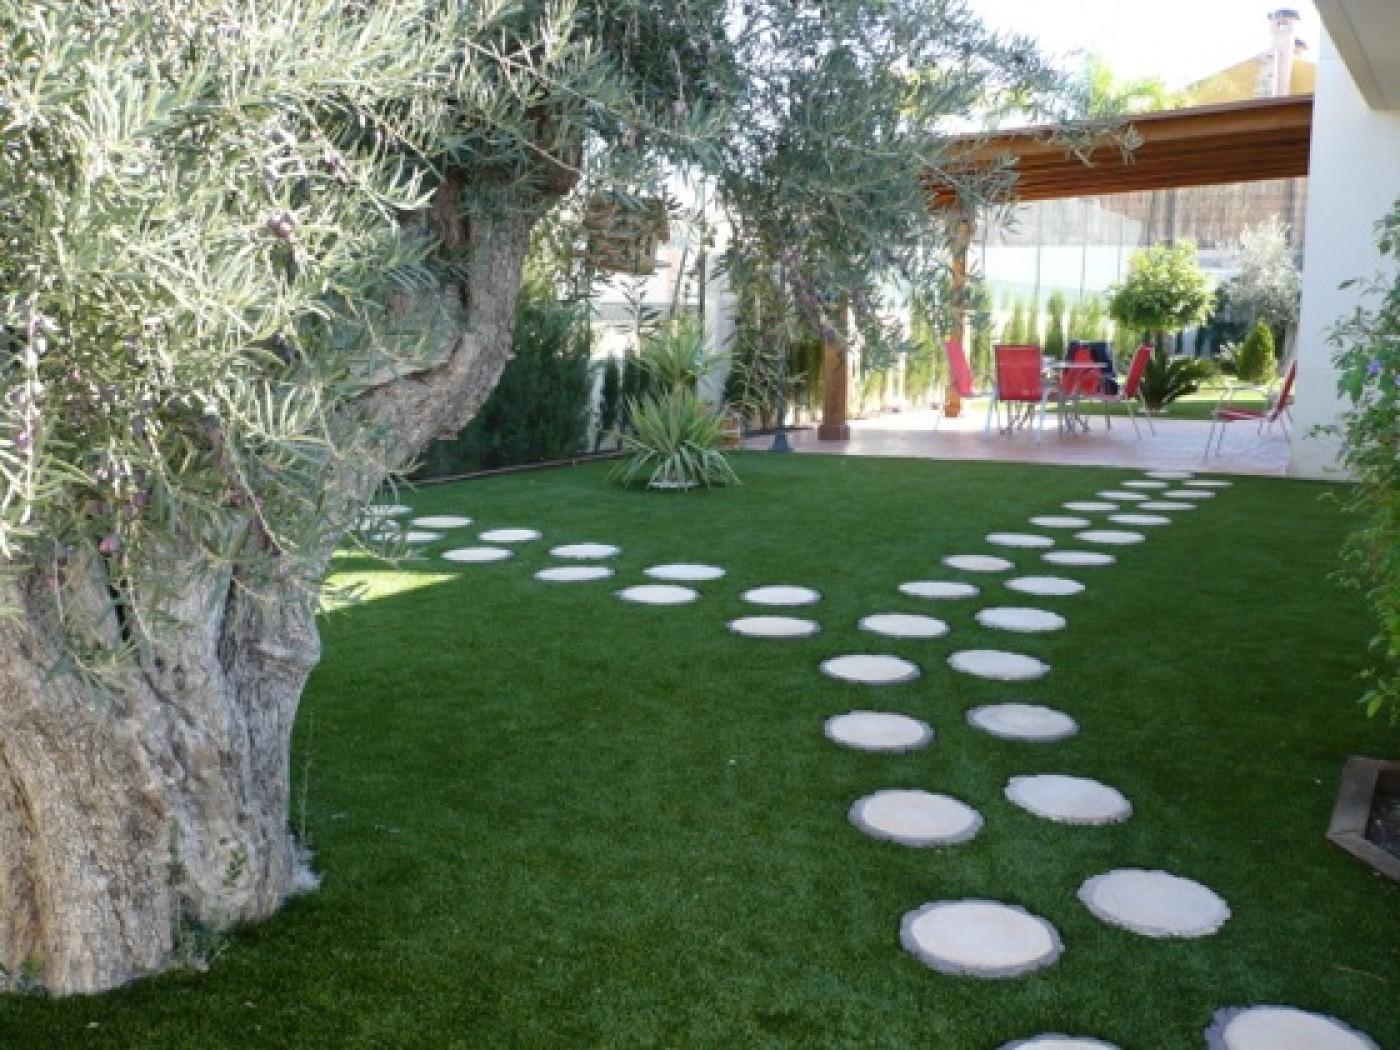 Neograss Artificial Grass